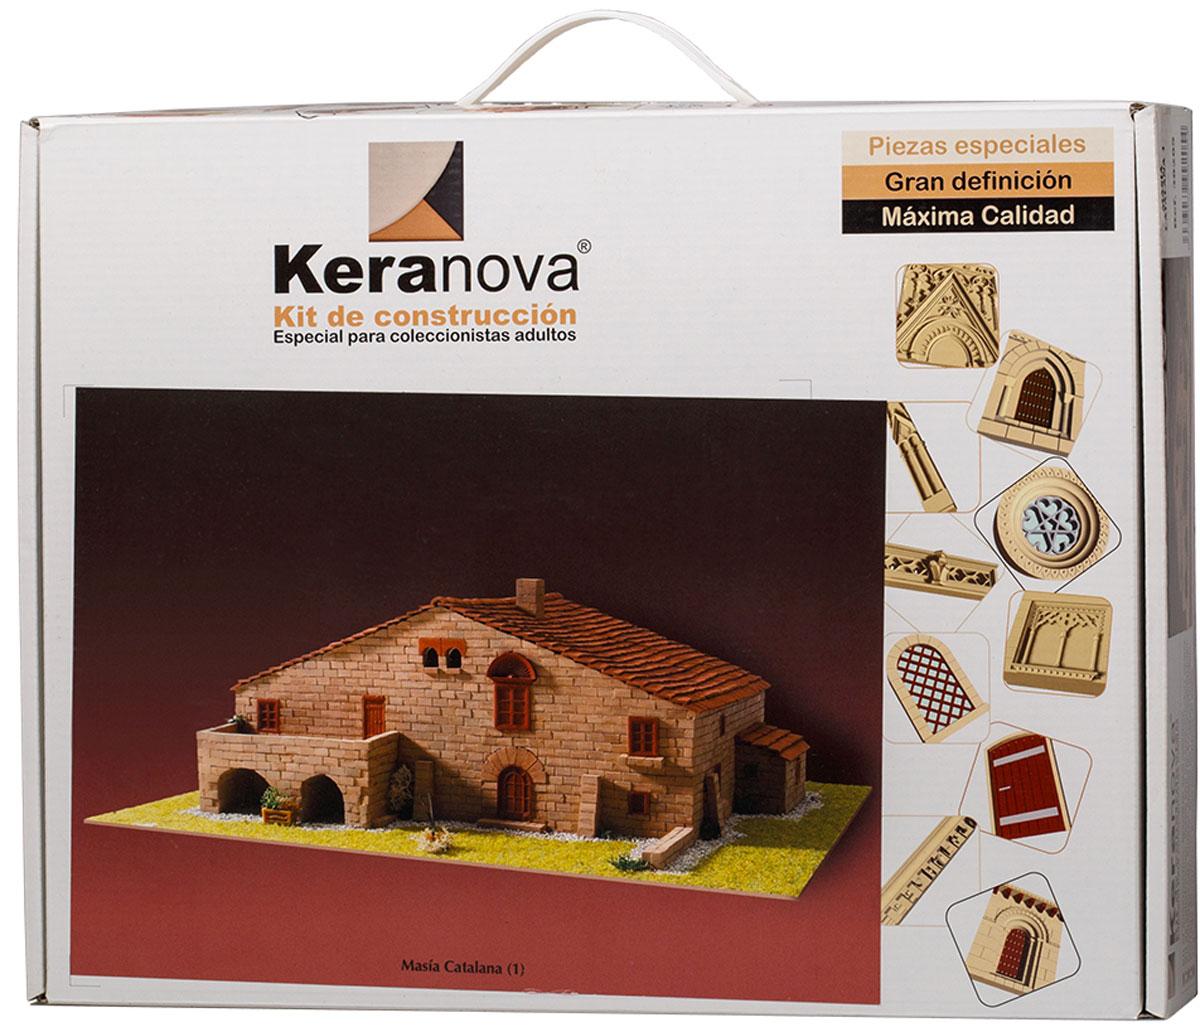 Keranova Конструктор Каталонский деревенский дом 3020530205Фермерские дома подобной конструкции очень распространены по всей северо-восточной Испании, в частности в древнем королевстве Арагон, истоки которого идут от древнеримских строений. Эти дома всегда стоят изолированно, что связано с животноводческой деятельностью ферм. В состав набора входят: - каркас модели из бумаги, - основа для миниатюры из фанеры, - набор кирпичиков и черепицы из глины разного размера и разной фактуры (8 температурных режимов обжига кирпичиков), - имитация грунта (песок), имитация растительности (исландский мох – материал устойчивый к естественному разрушению), - имитация украшений фасадов и окон (изготовлены из натуральной смолы вручную), - имитация деревянных переводов (деревянные брусочки), клей, схема сборки и инструкция. количество деталей: 2902